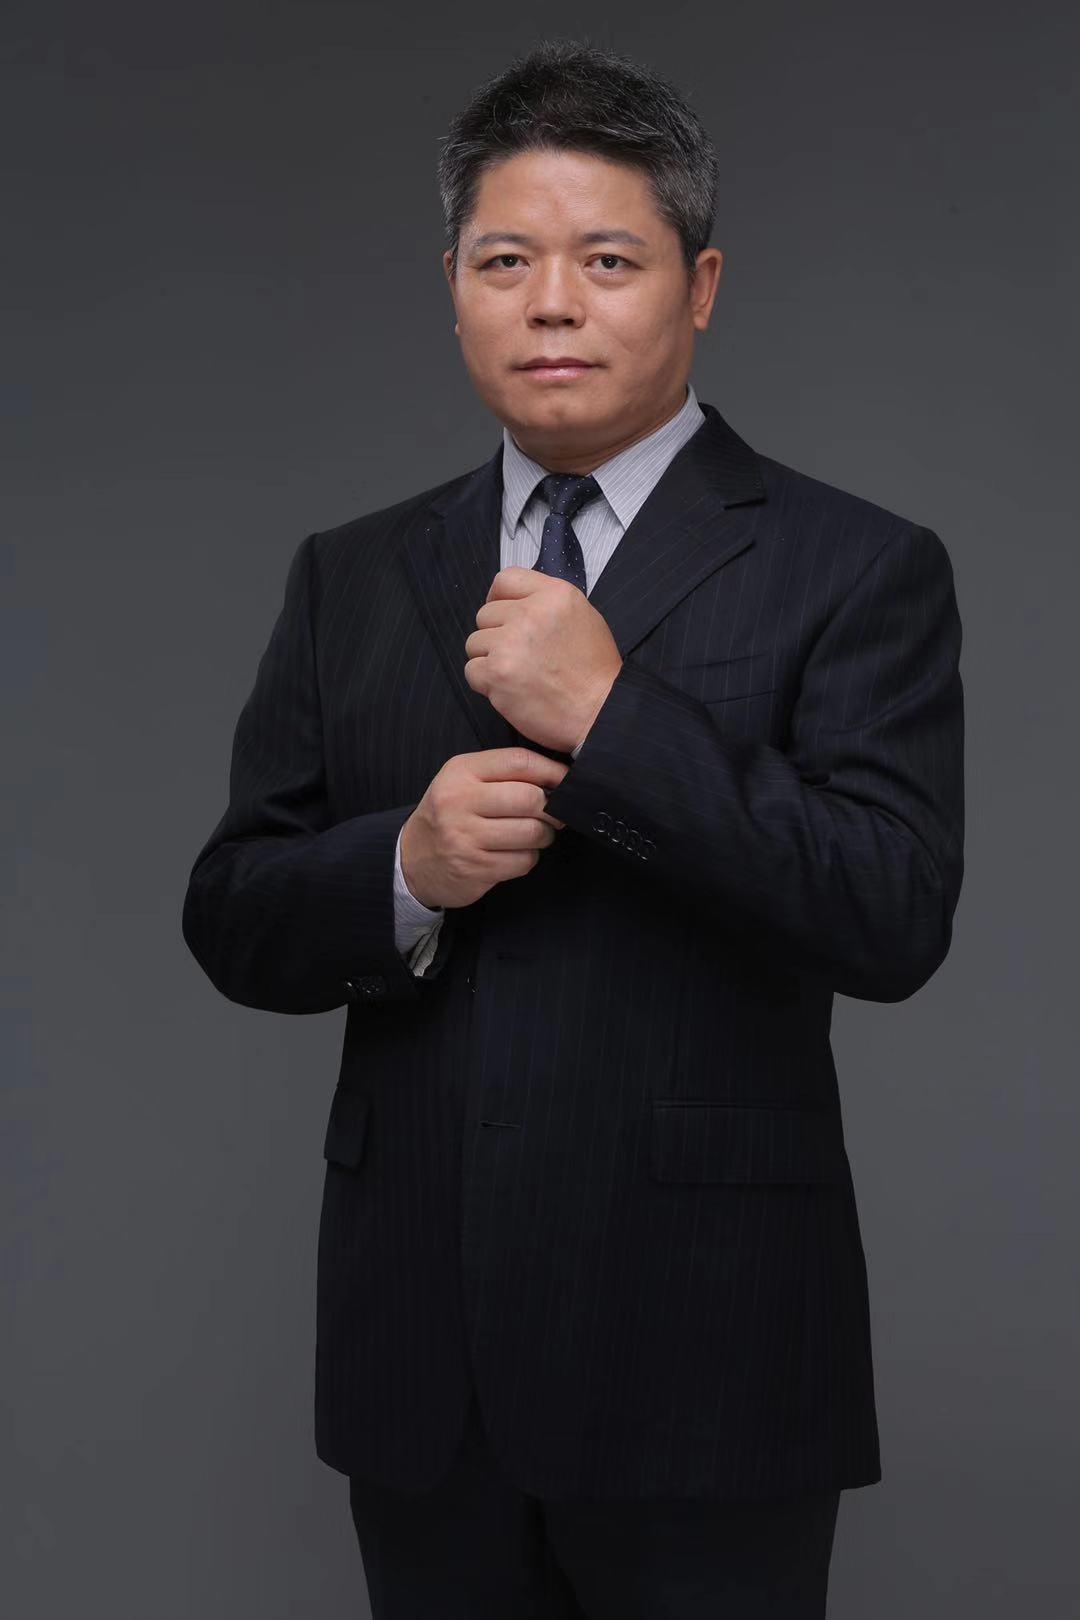 尹占华 第一创业证券股份有限公司副总裁